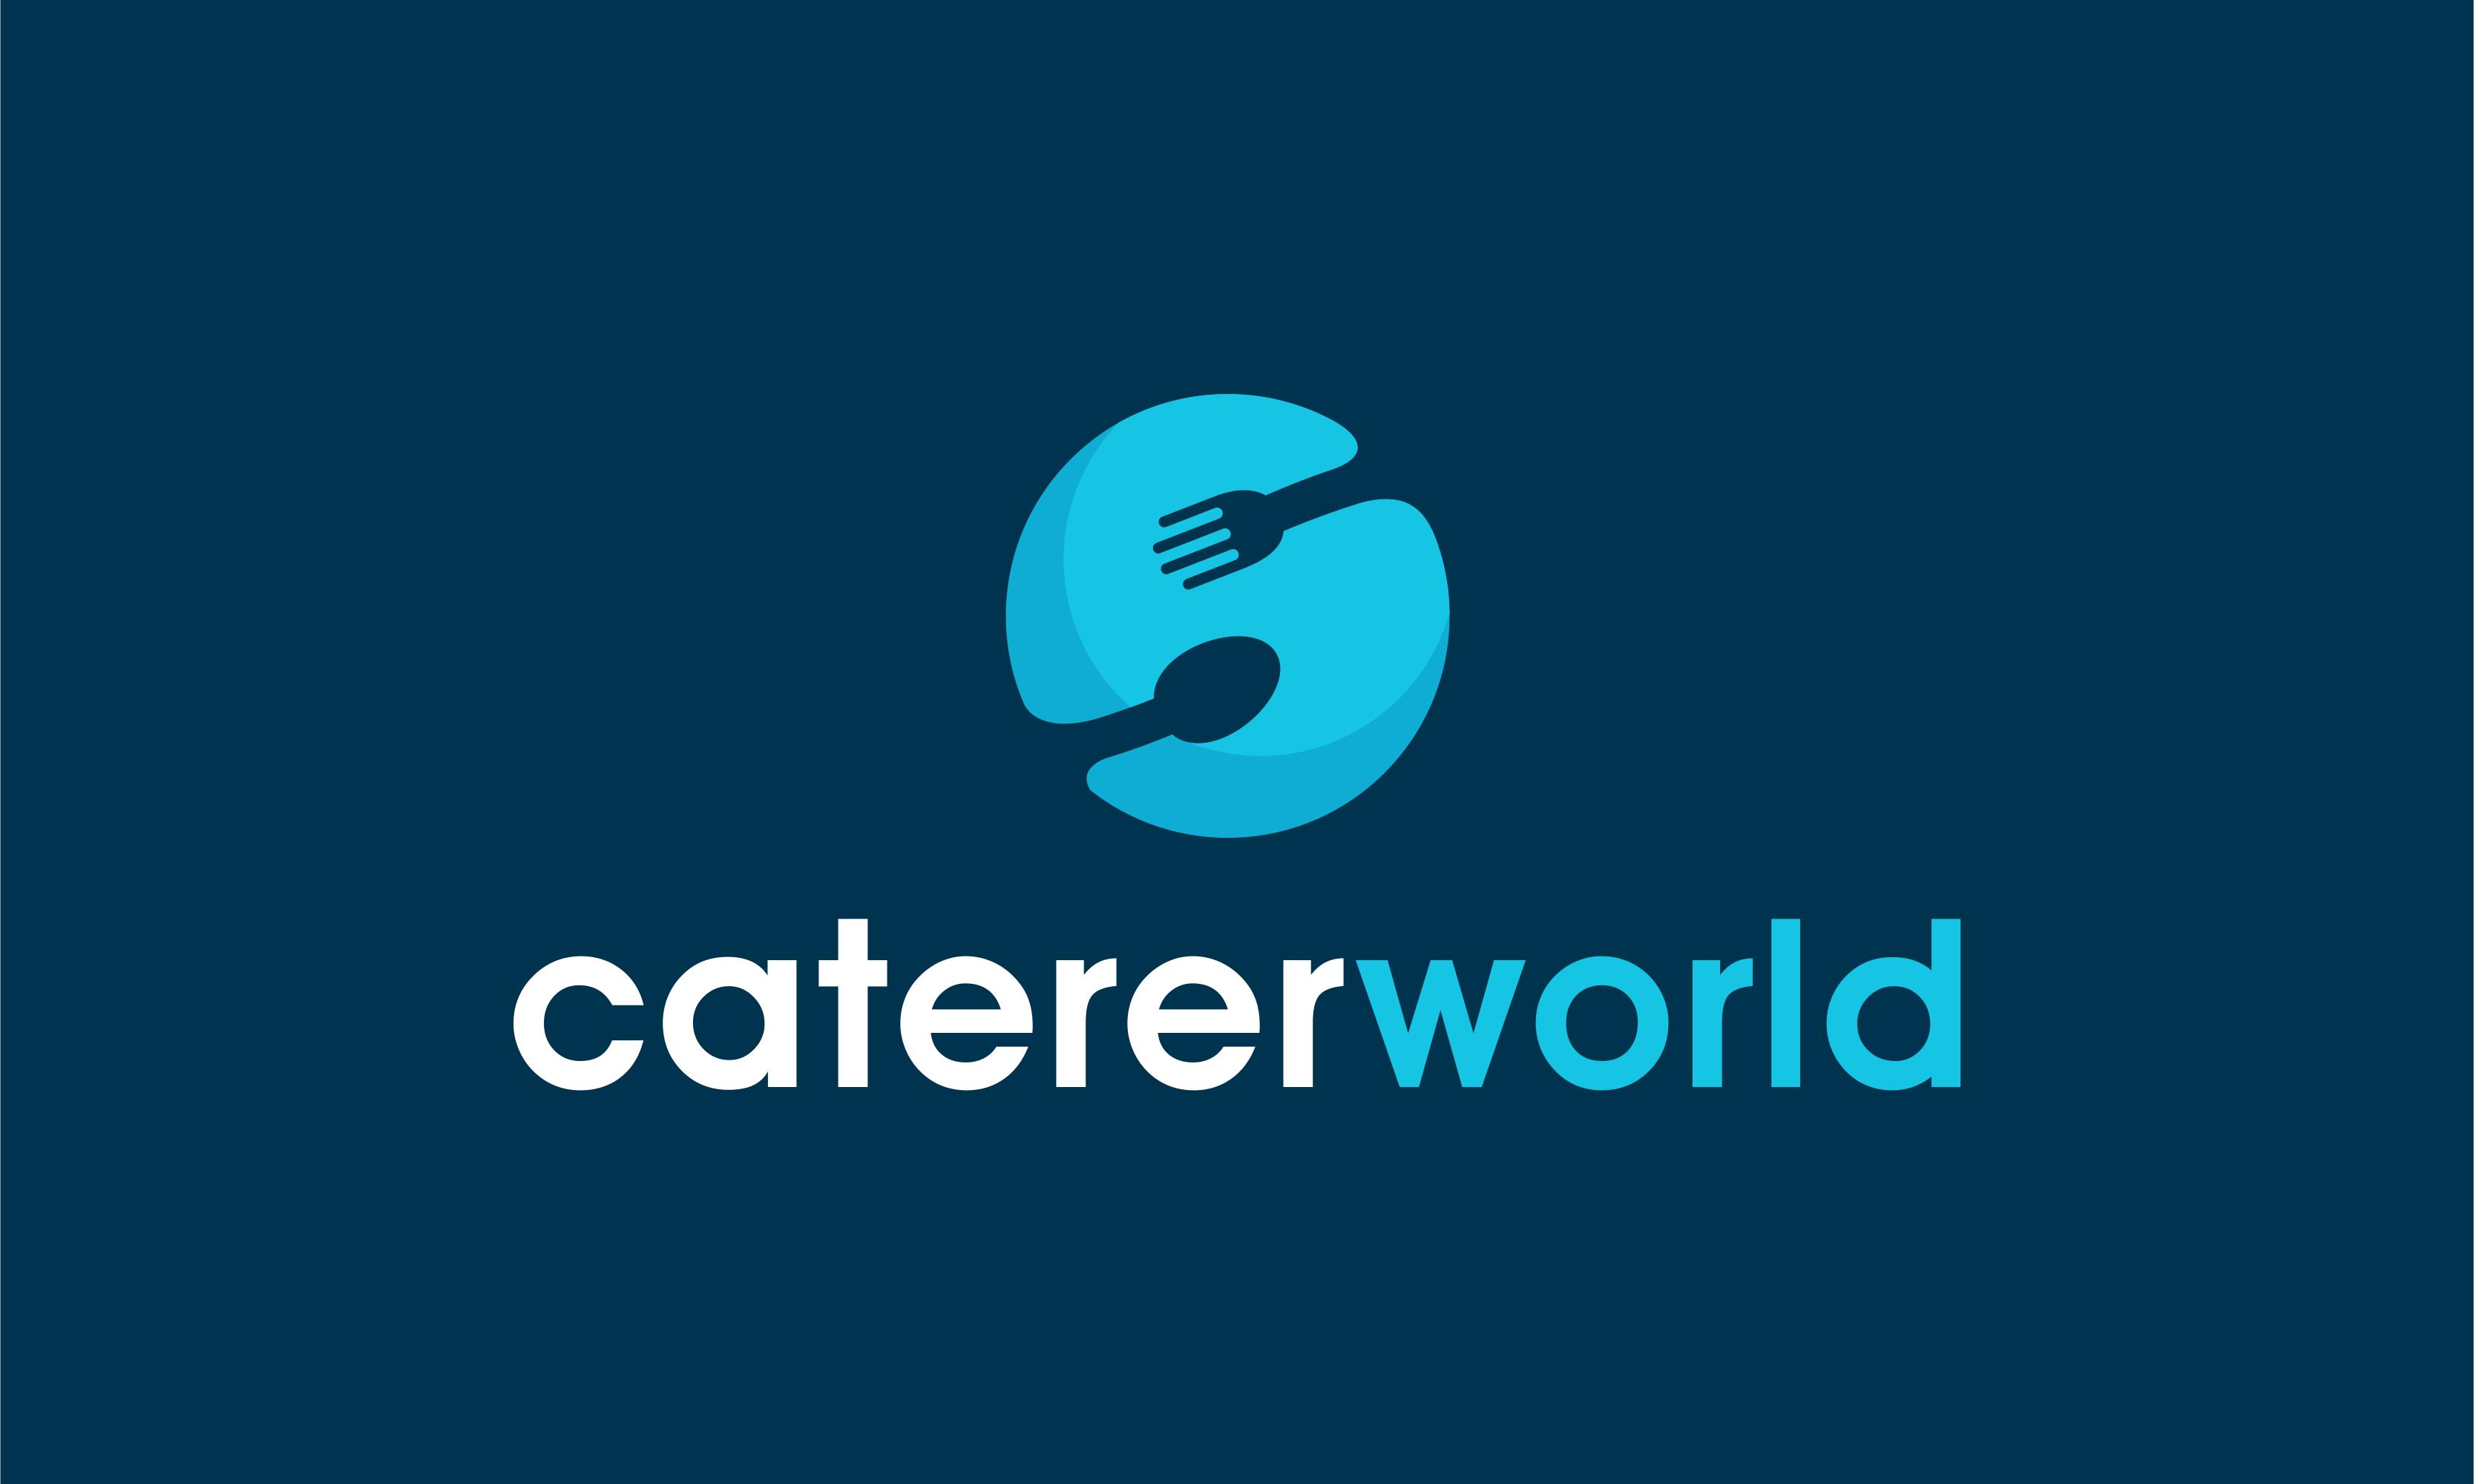 Catererworld